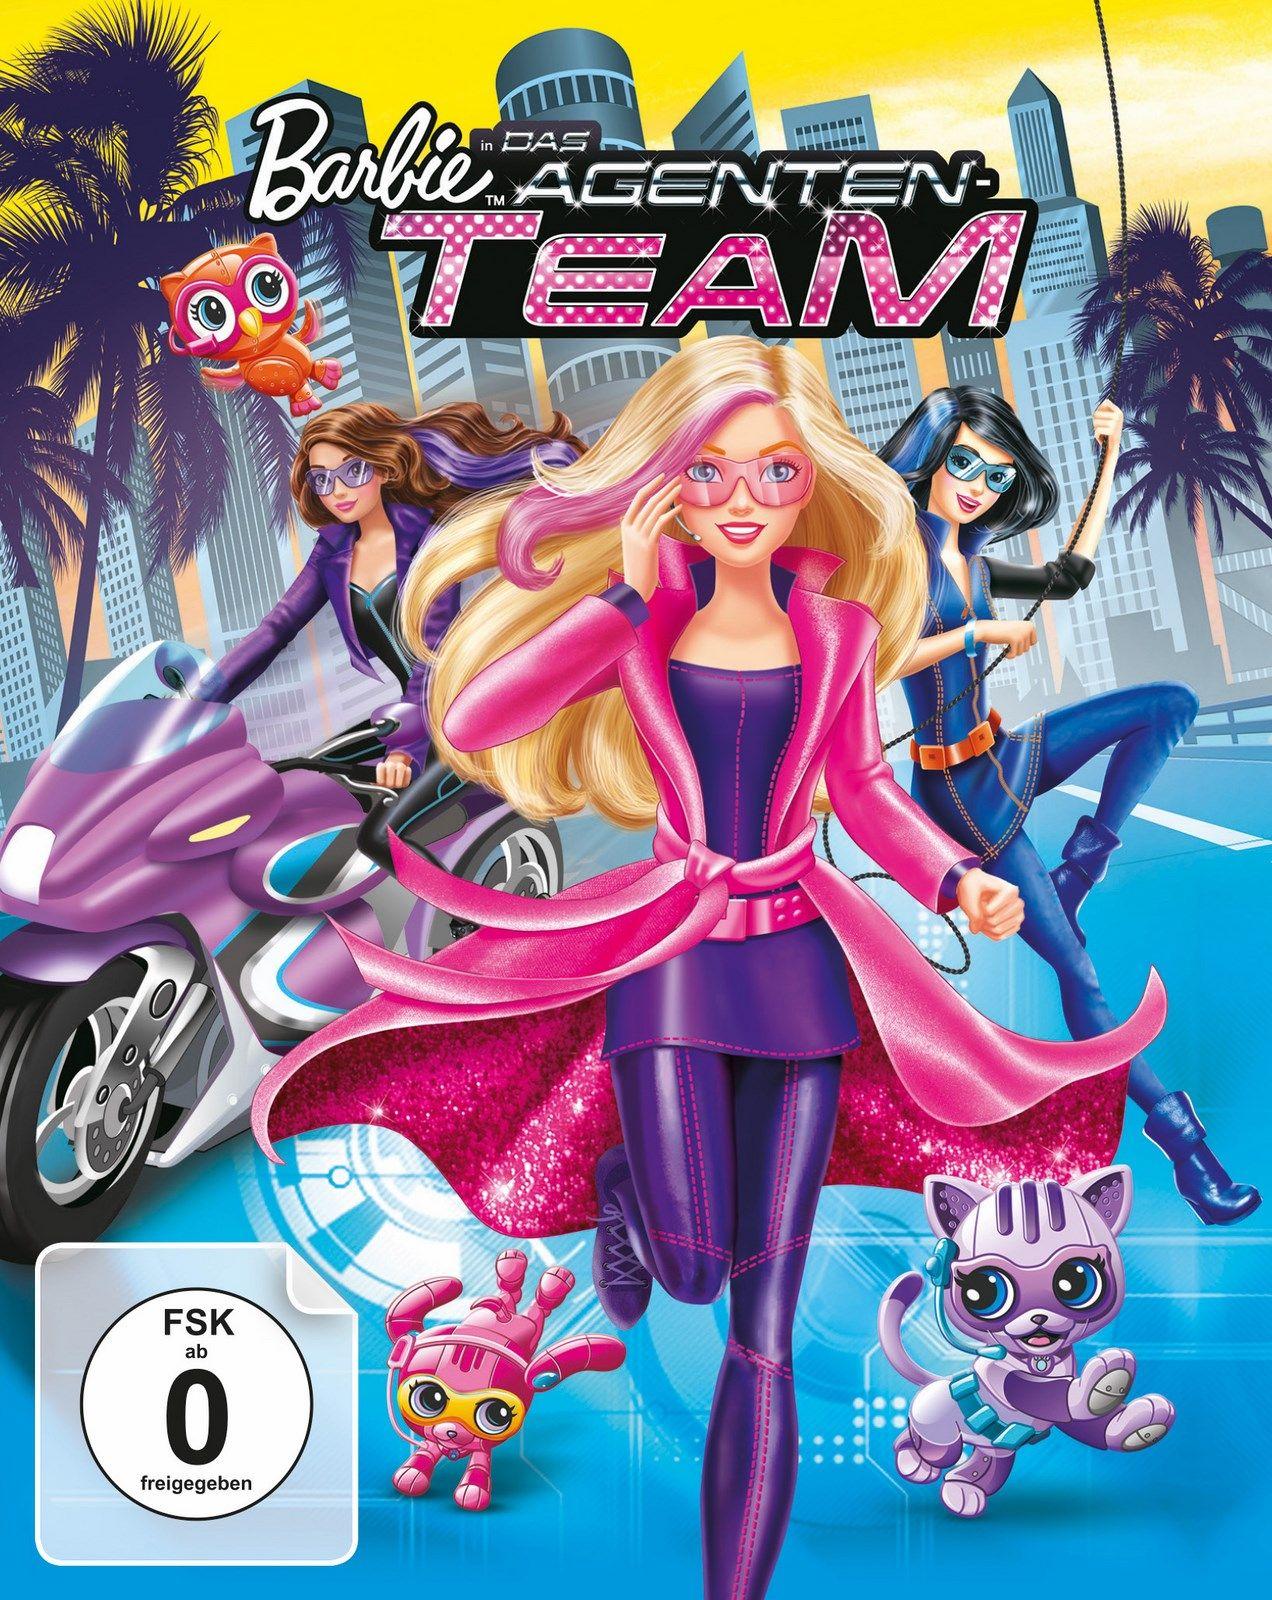 Barbie Das Agenten Team Teil 2 Ganzer Film Deutsch Wonder Woman Leather Shoulder Bag Superhero